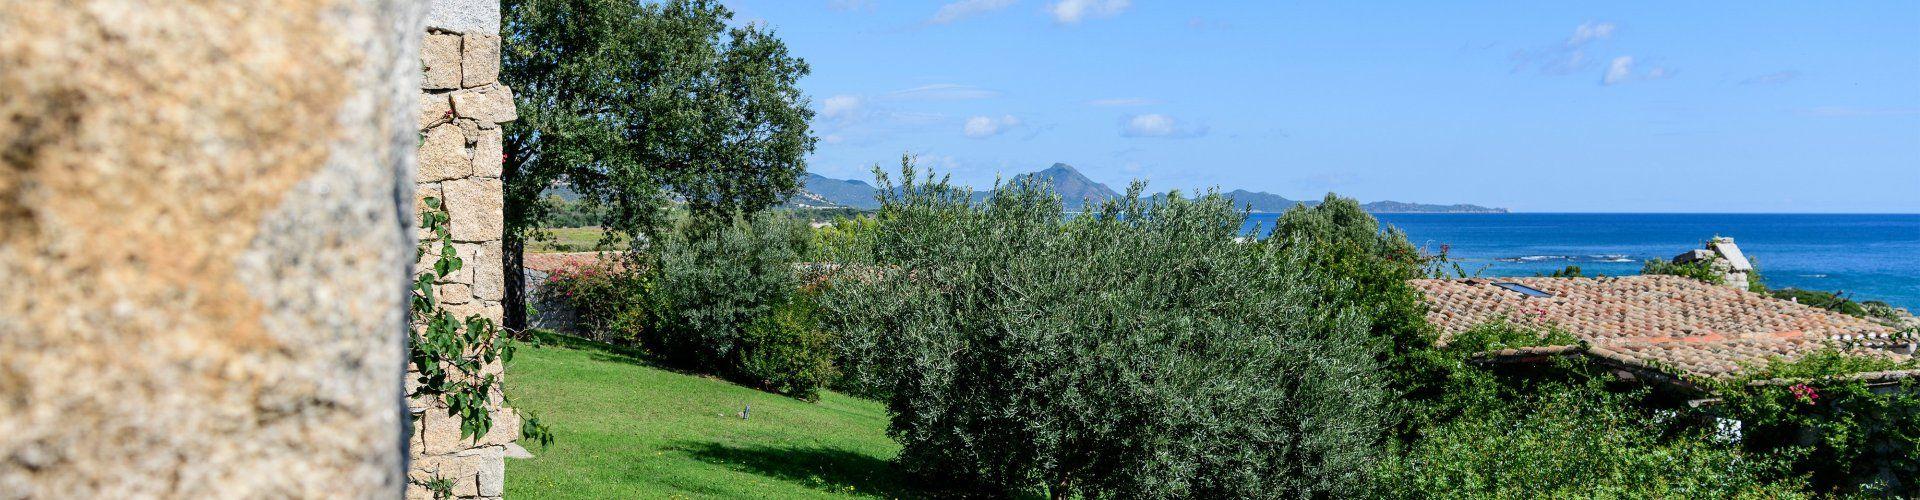 Gepflegter Garten mit Meerblick